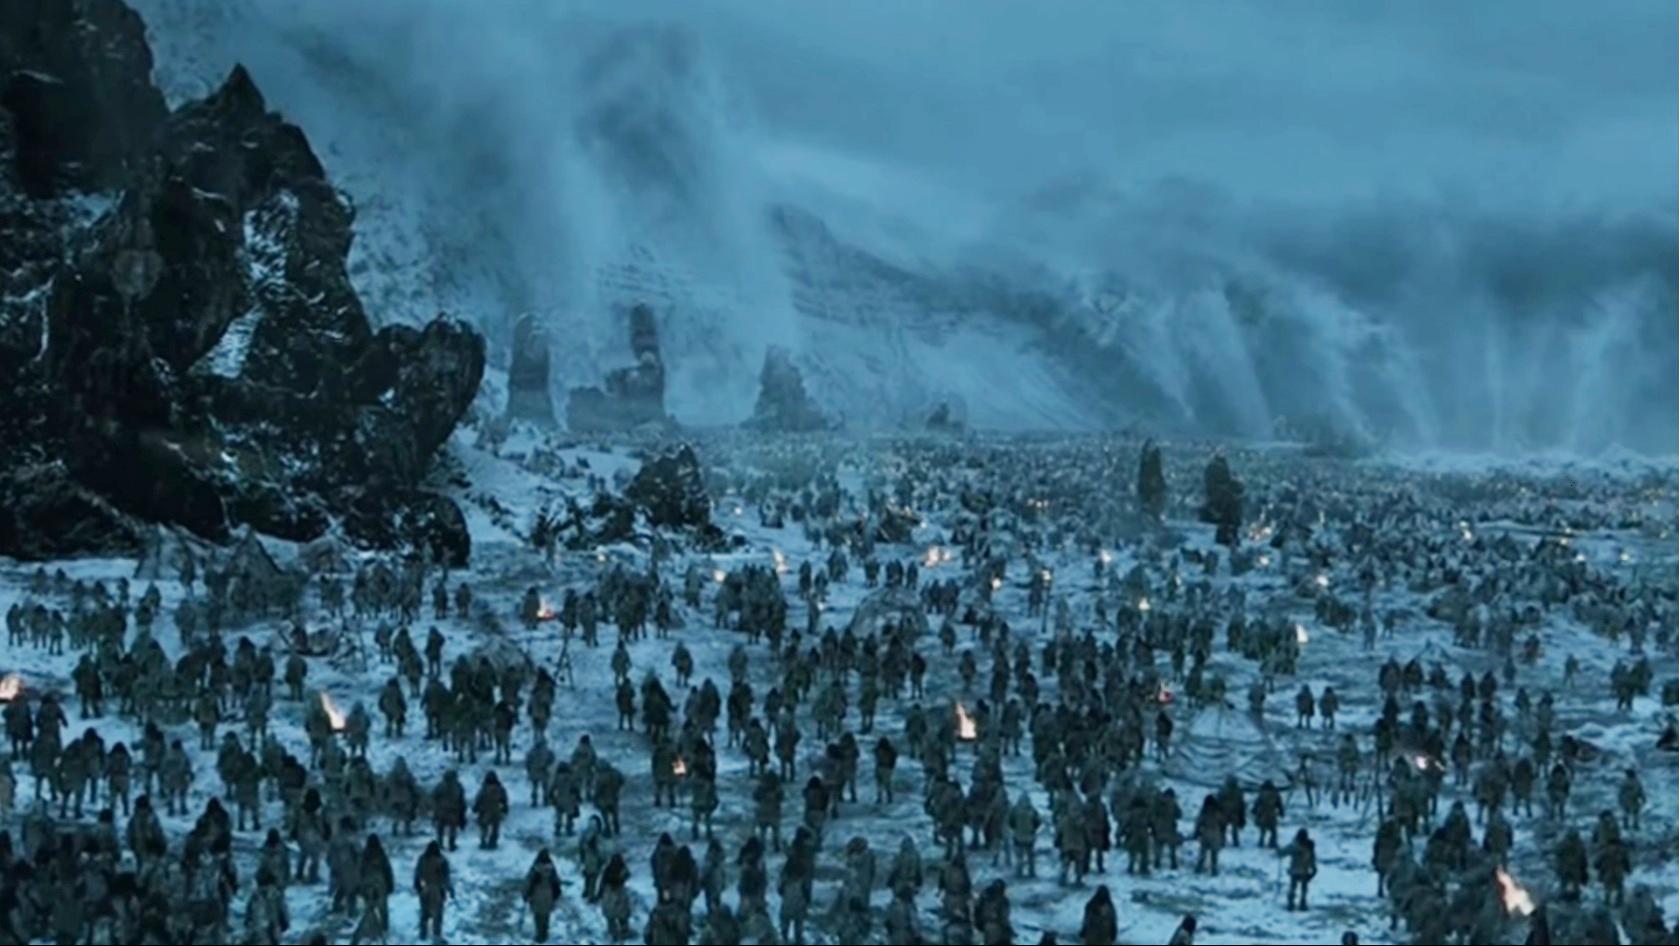 Skyrim Fall Wallpaper Hd Game Of Thrones Saison 8 Les Marcheurs Blancs Sur Le